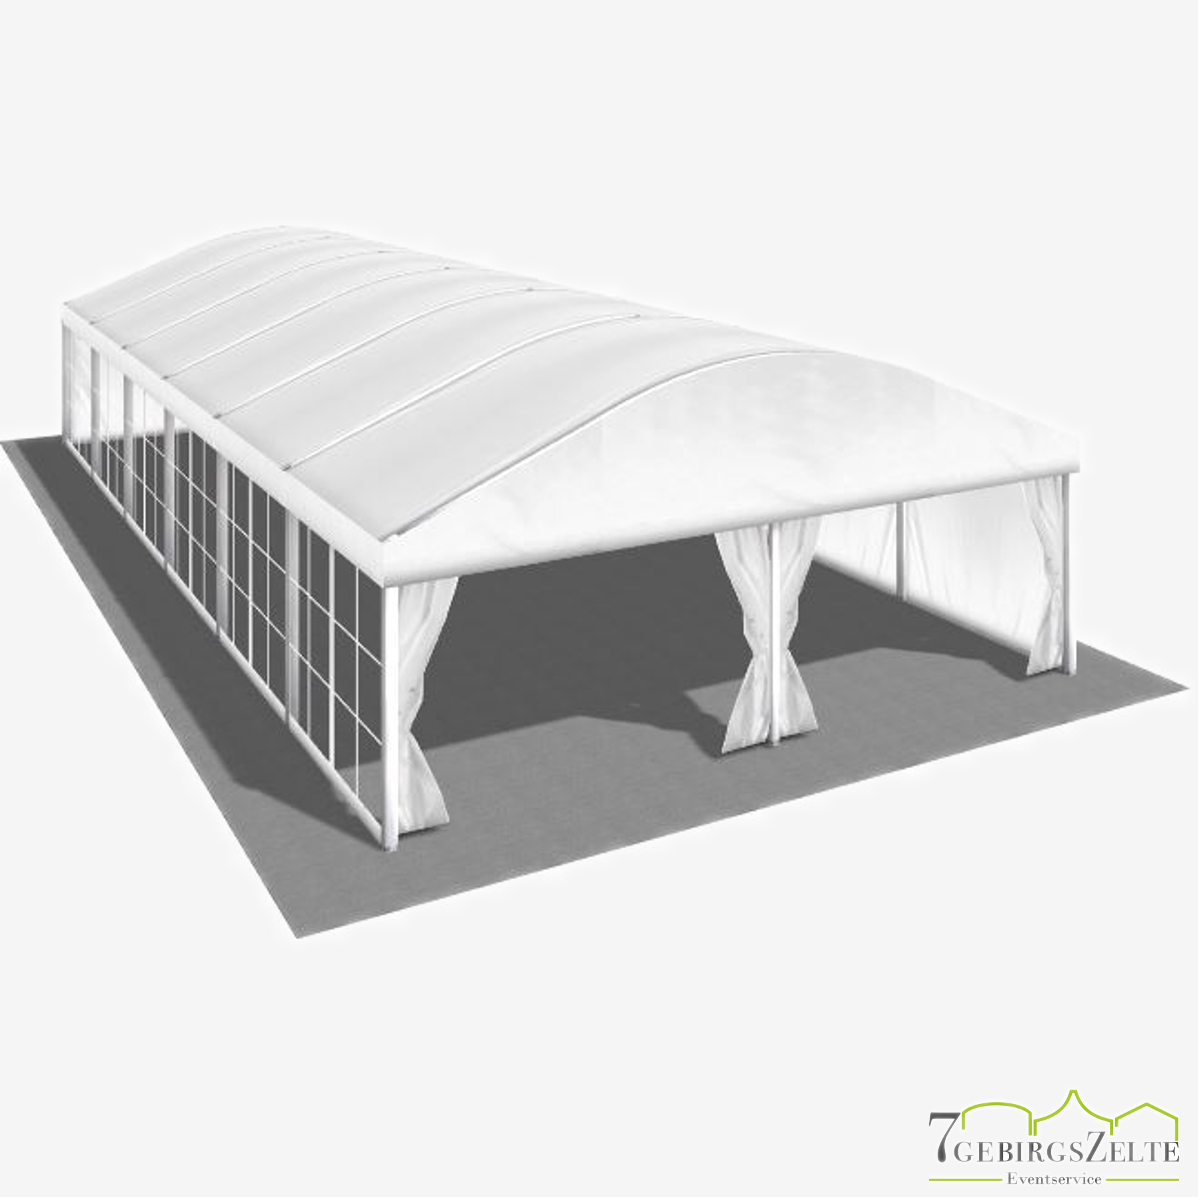 Bodega Rundbogenzelt ohne Boden, Giebelbreite 8 m